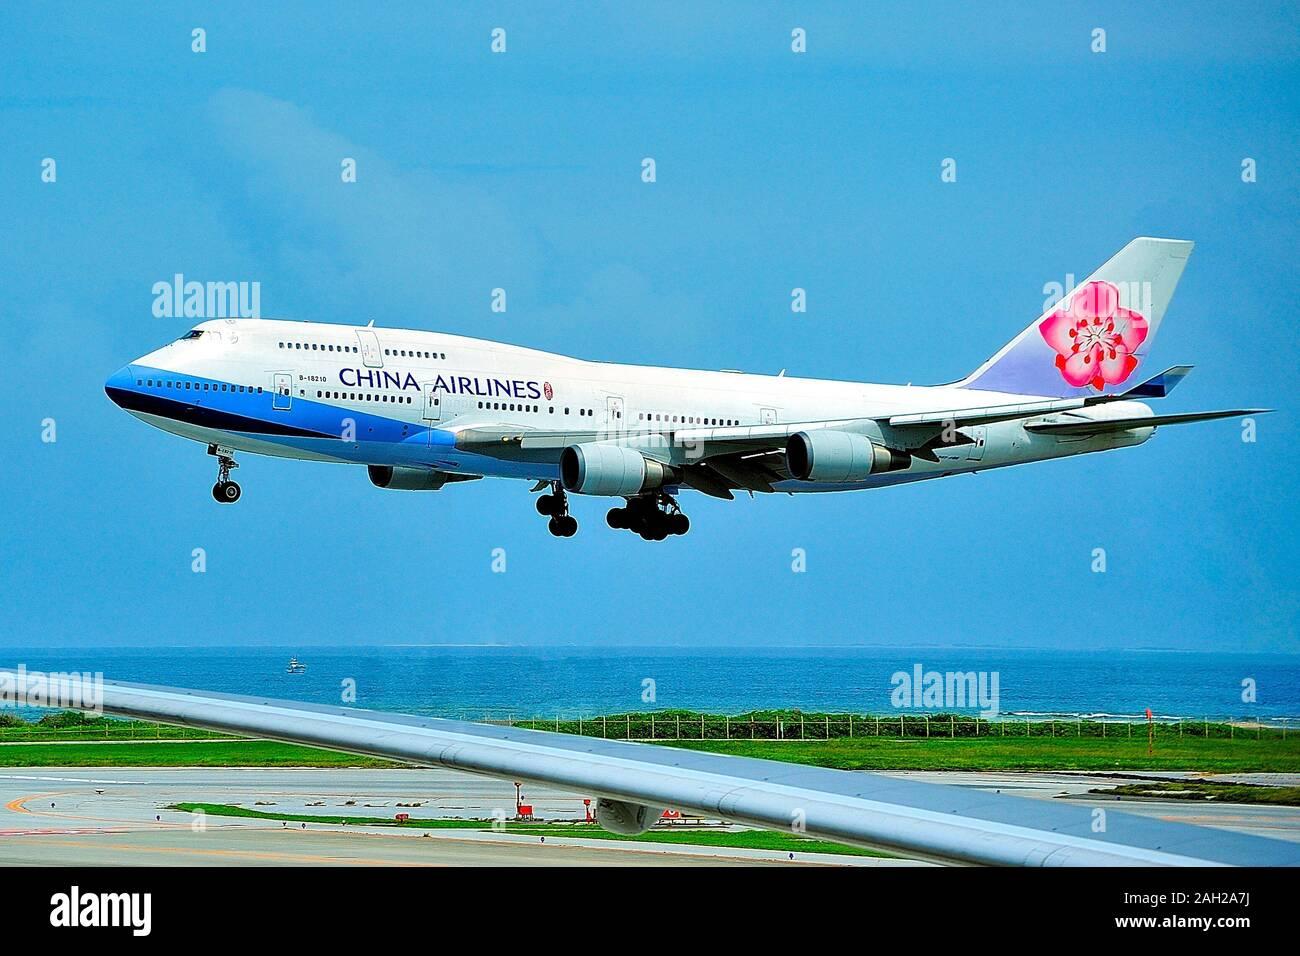 China Airlines Boeing B-747-400, B-18210, l'atterrissage à l'aéroport de Naha, Okinawa, Japon Banque D'Images